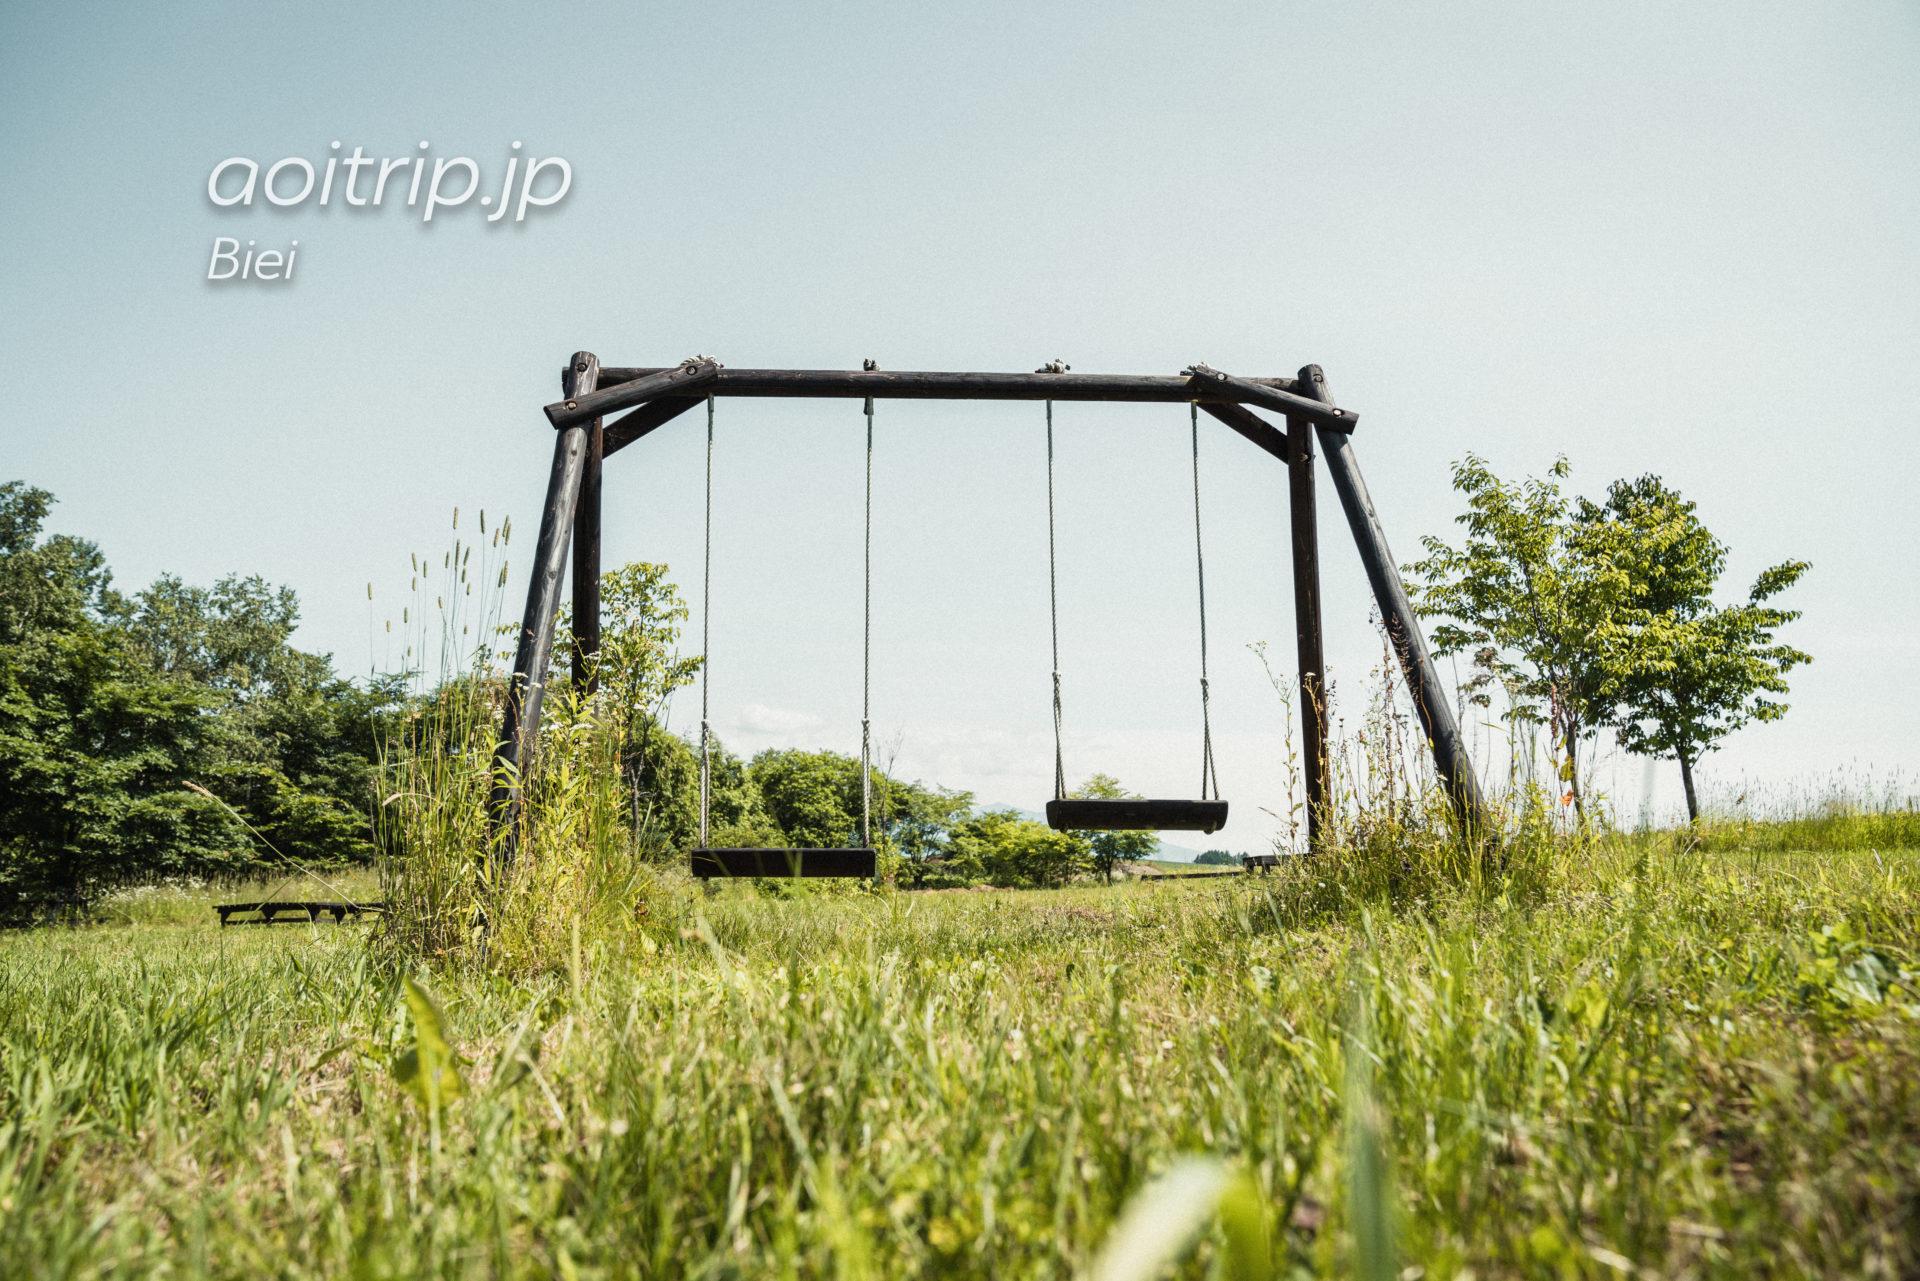 美瑛のリッカロッカのお庭